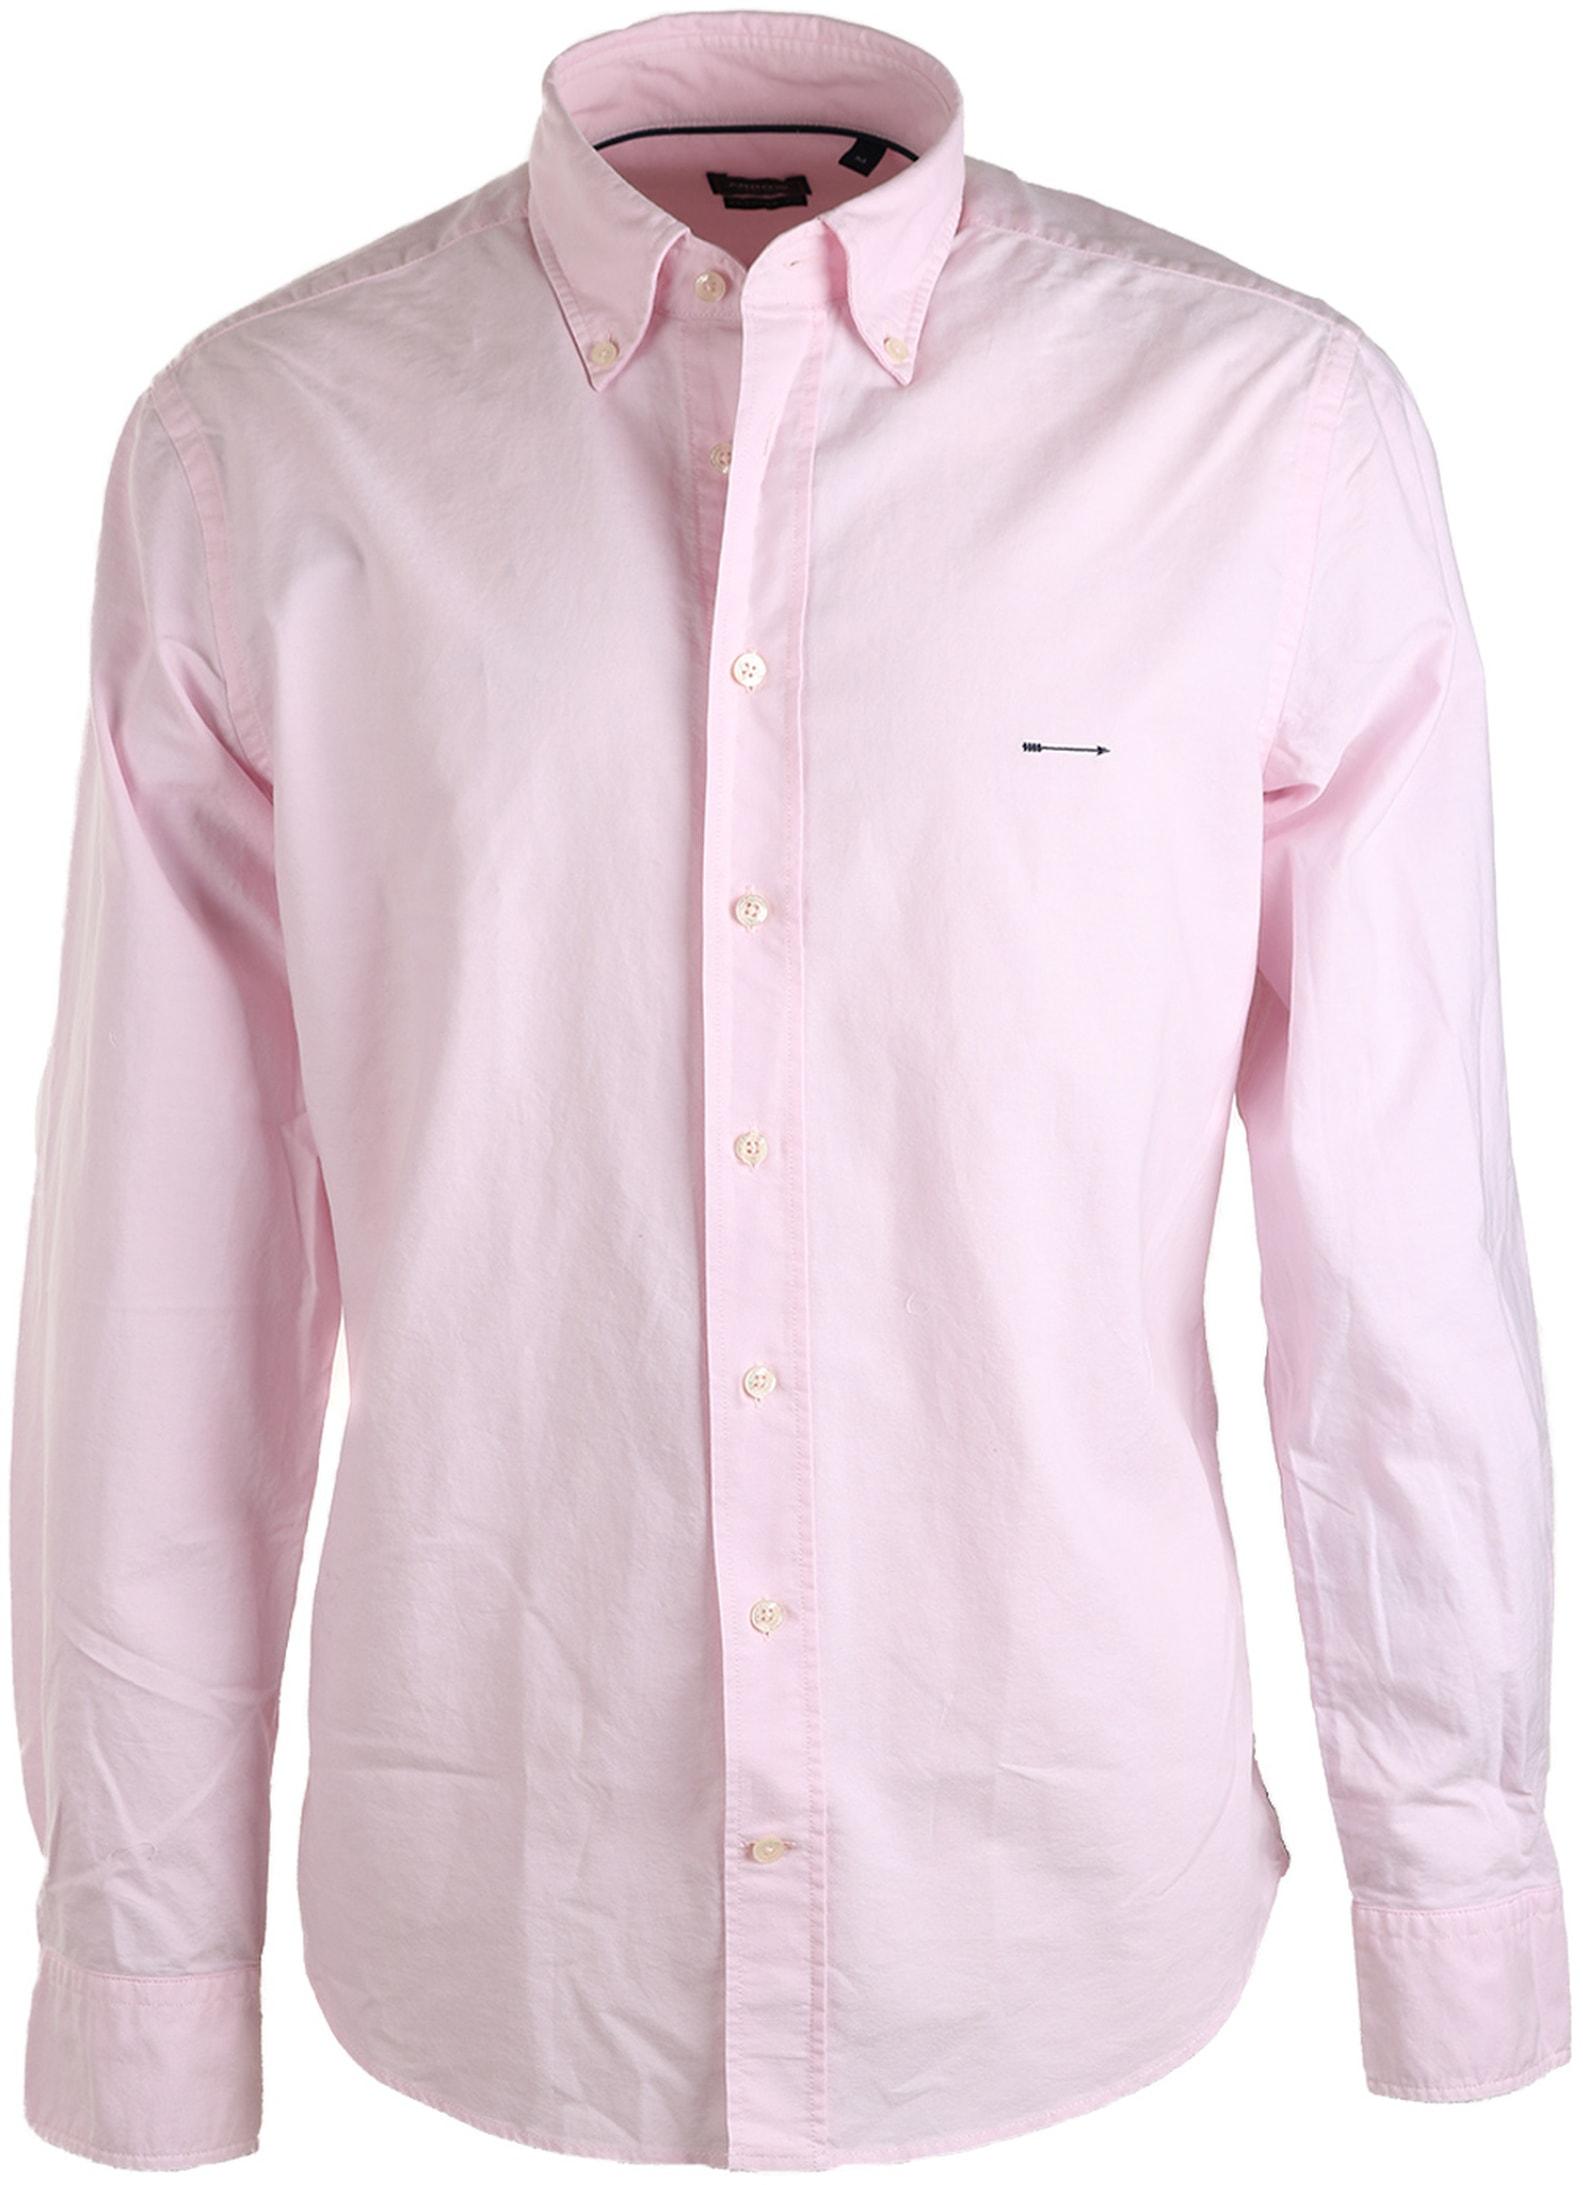 Arrow Overhemd Roze foto 0